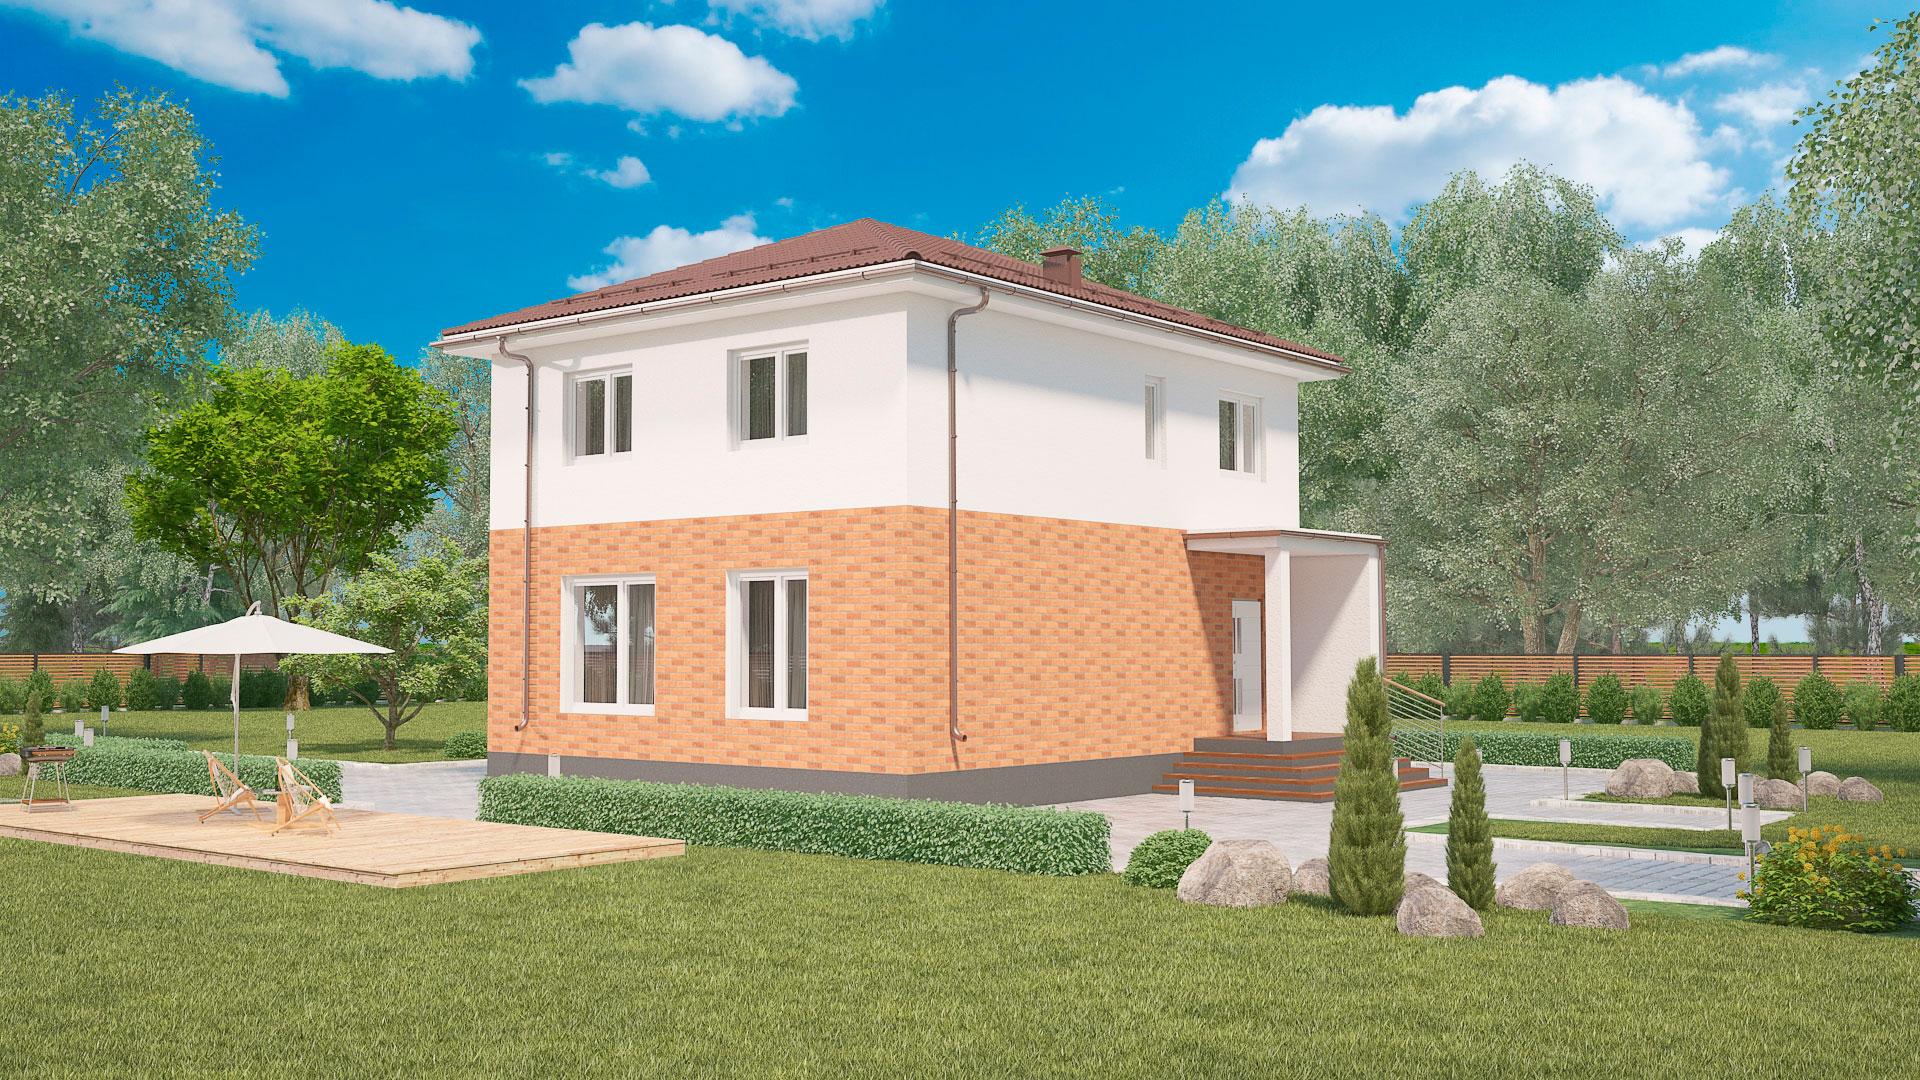 Передний фасад двухэтажного загородного дома БЭНПАН, проект МС-155.